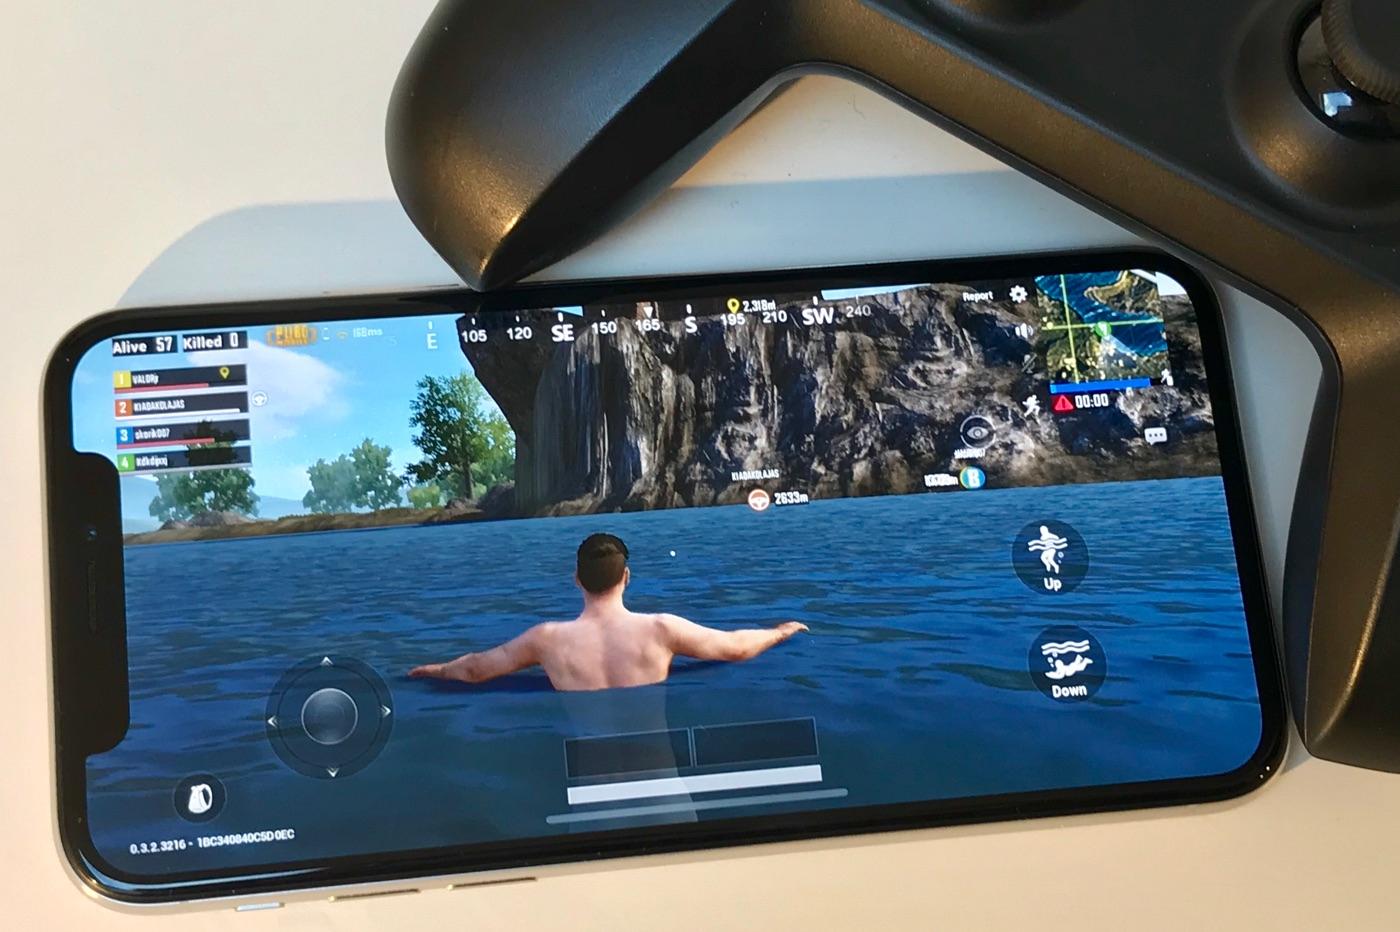 Les Meilleurs Jeux Iphone Et Ipad 2018 Par Iphon.fr destiné Jeux D Aventure Pour Les Filles